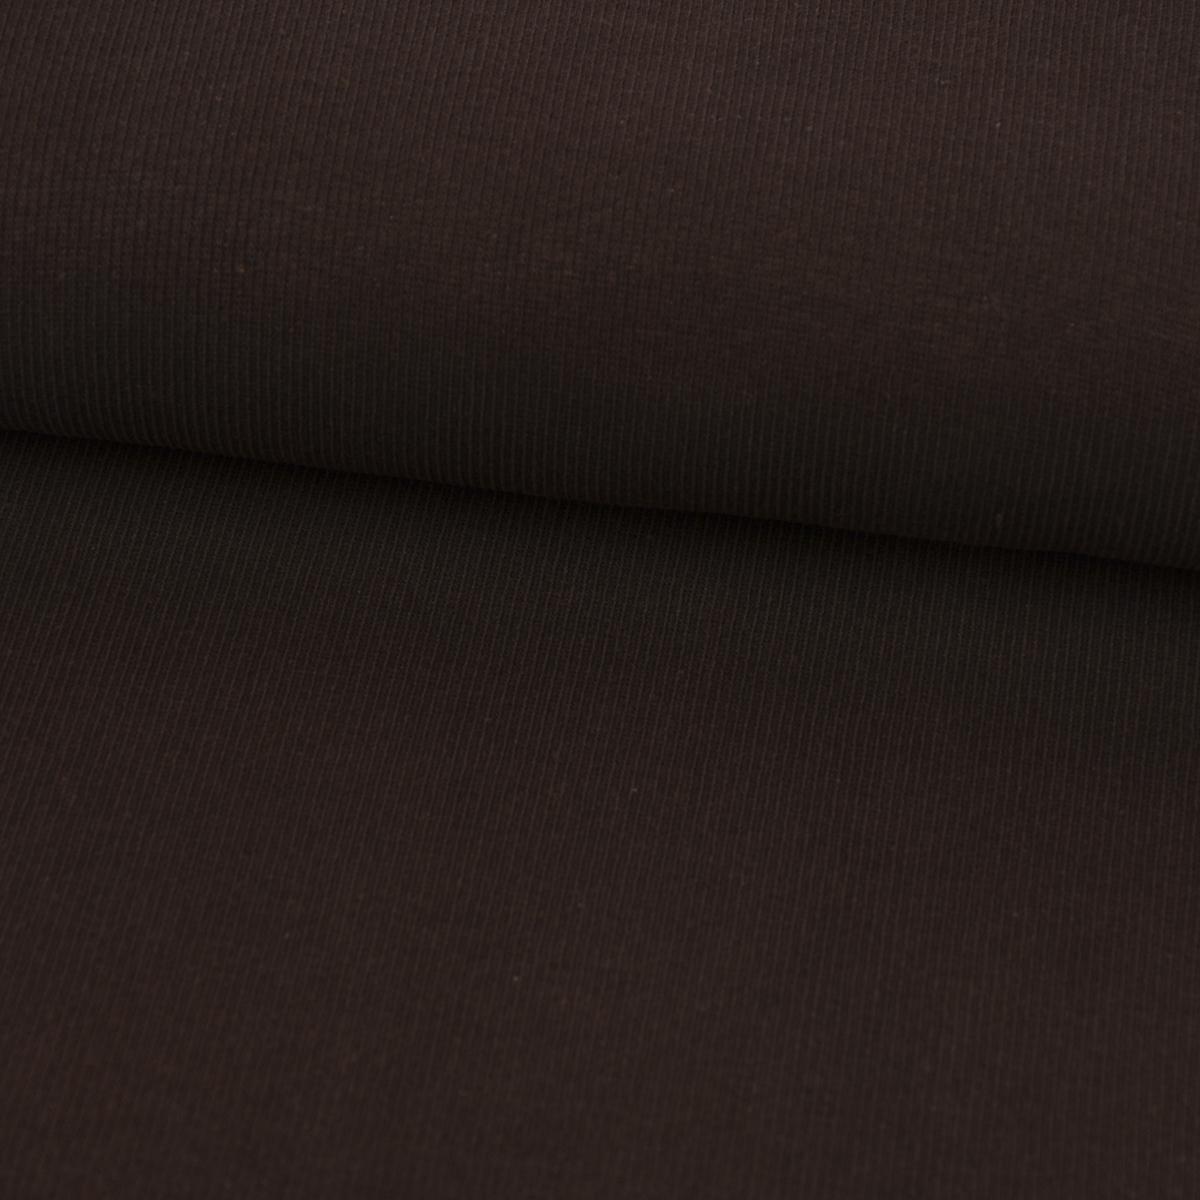 Kreativstoff Strickschlauch Bündchenstoff grob dunkelbraun 27cm Breite